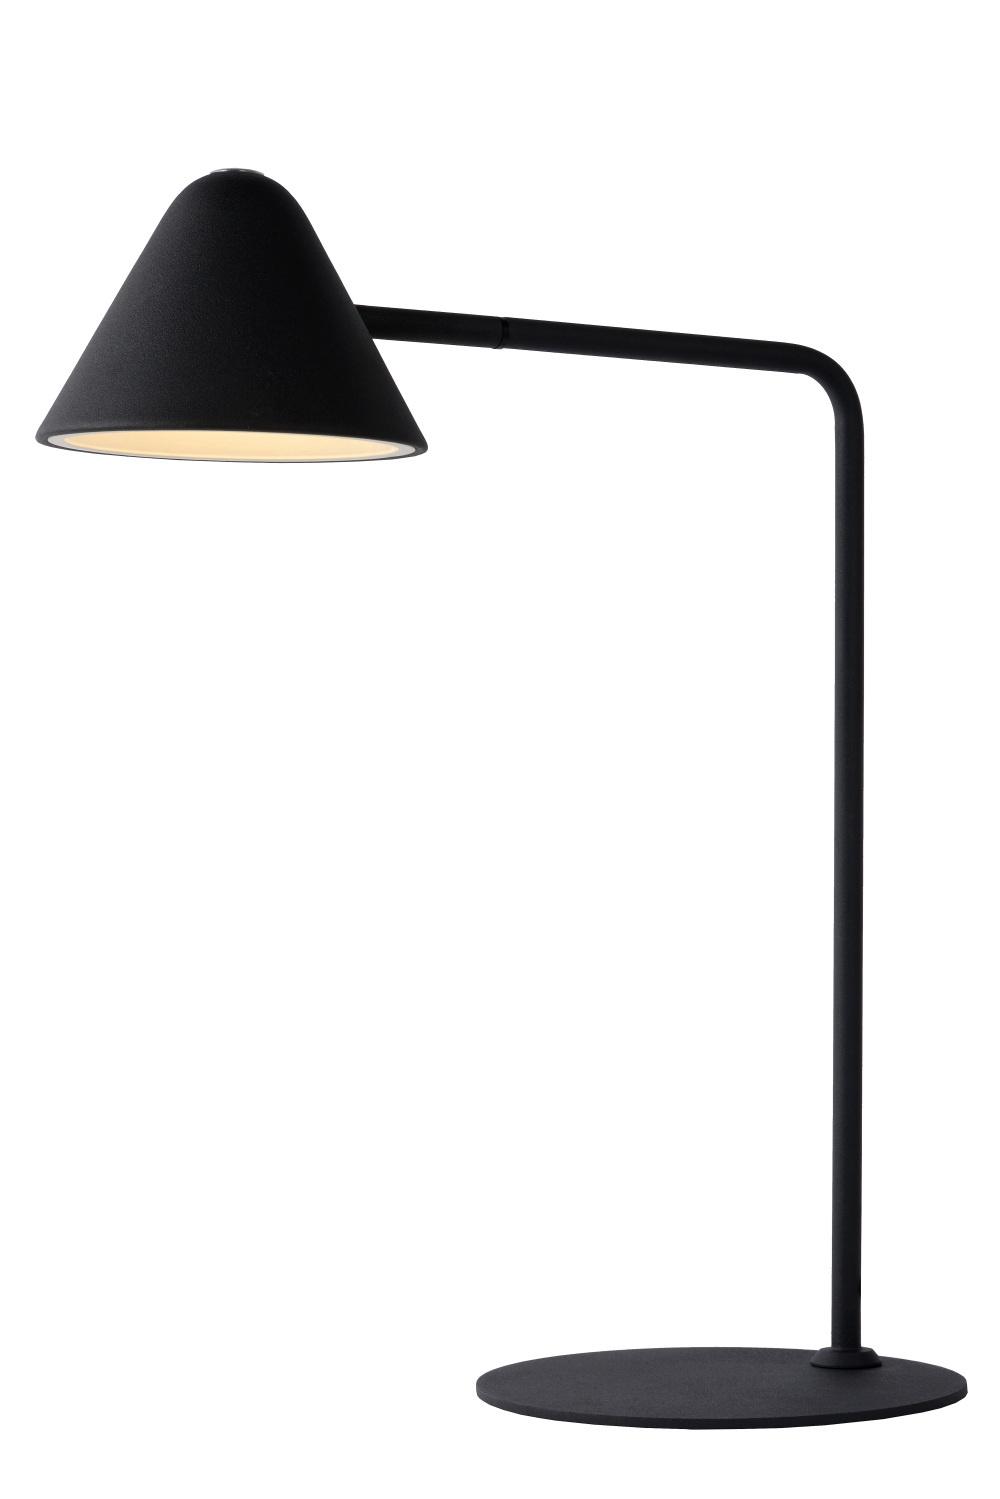 Lucide DEVON Tafellamp 3W / LED 48.5cm Zwart